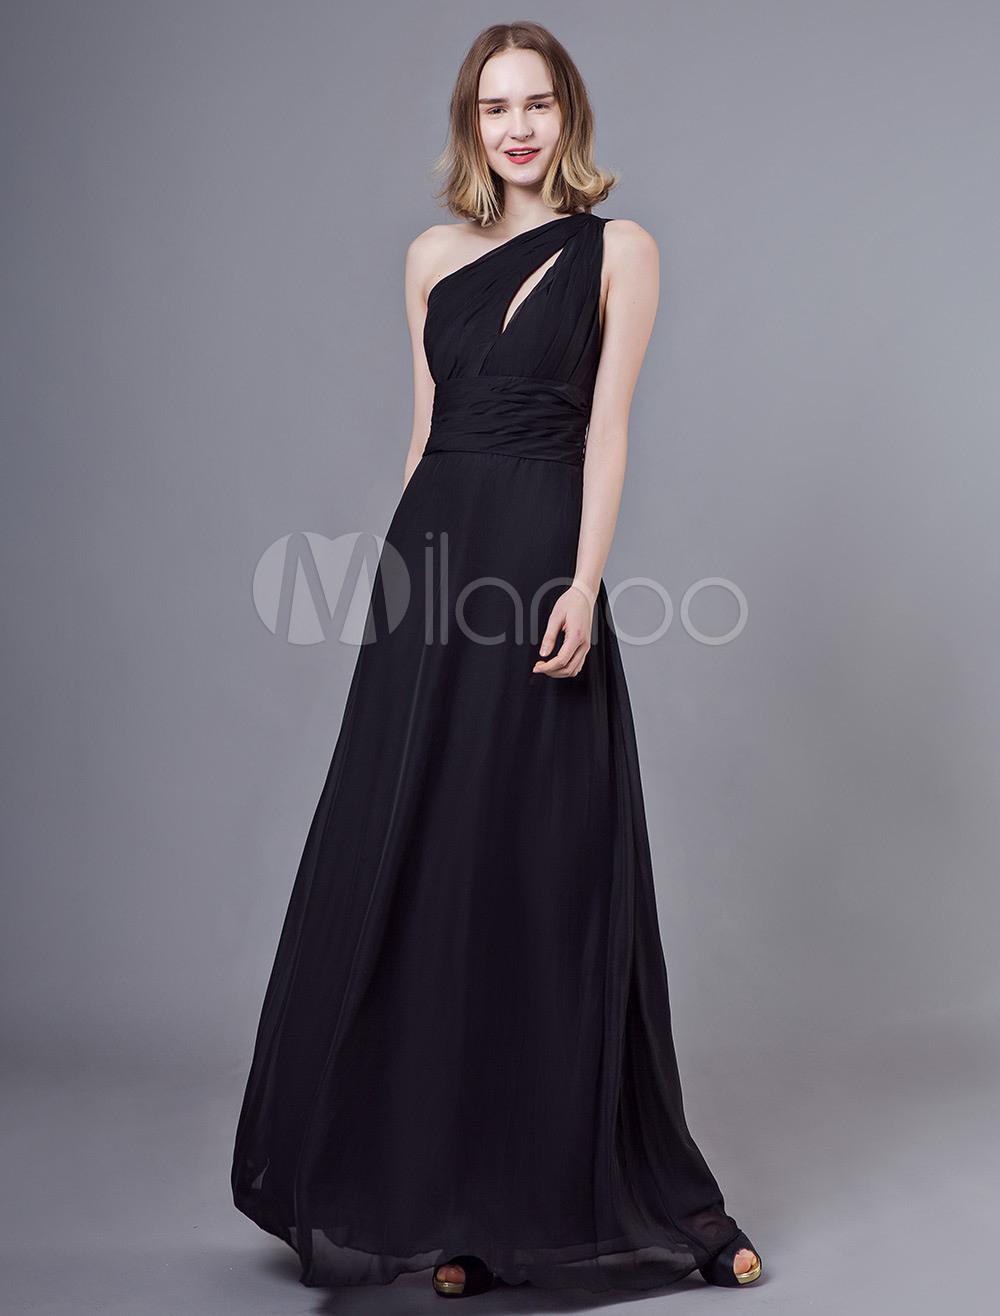 Abend Wunderbar Langes Schwarzes Abendkleid für 201917 Erstaunlich Langes Schwarzes Abendkleid Stylish